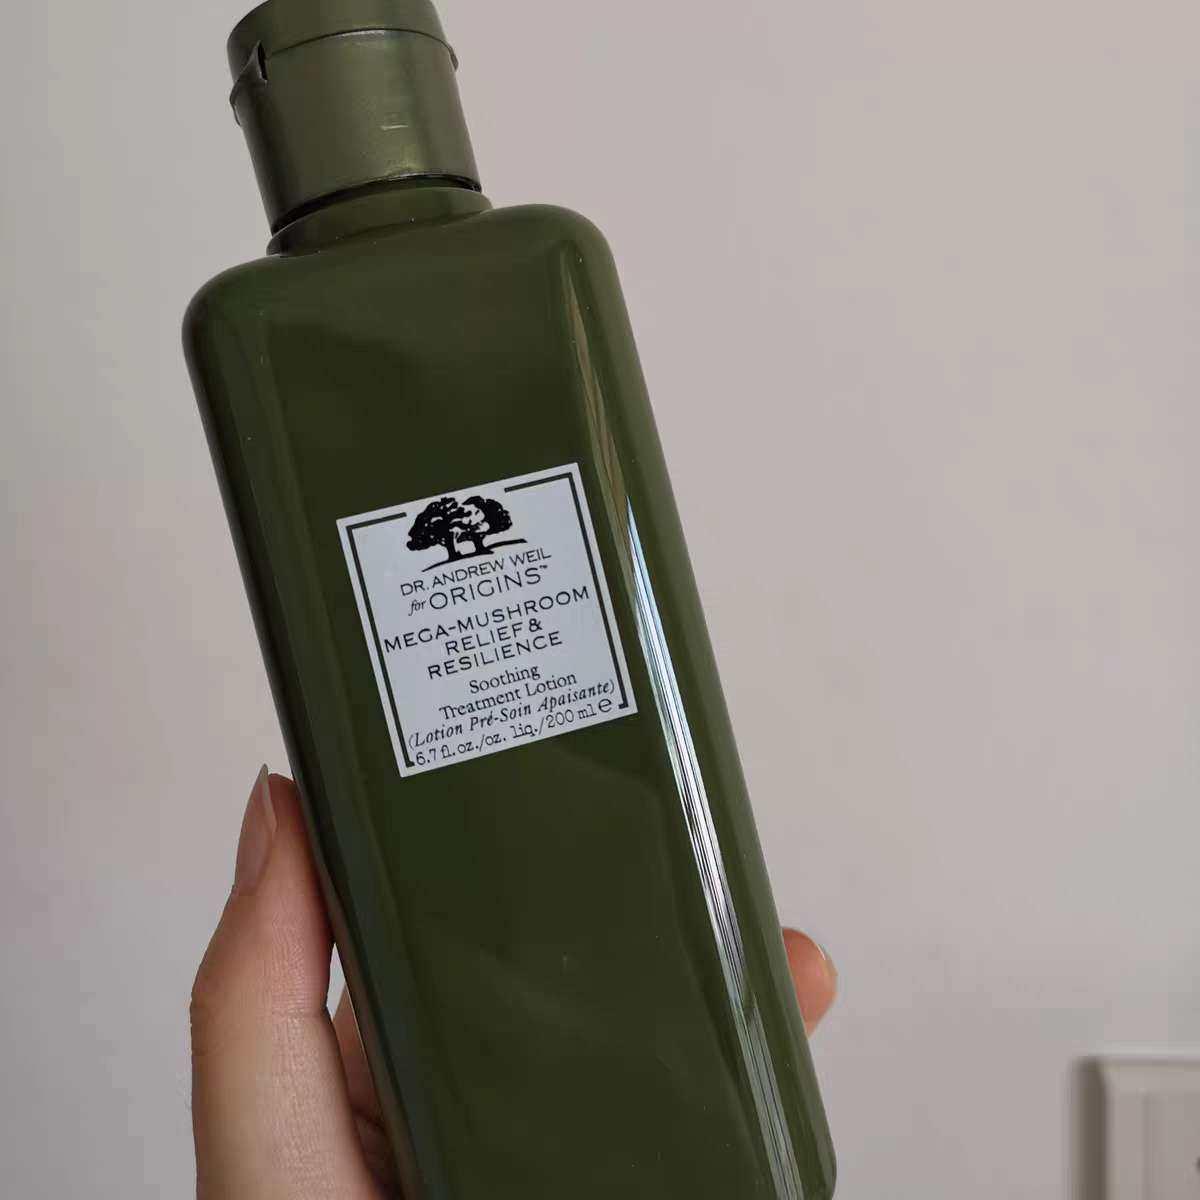 海淘剁手记,悦木之源菌菇水 🙄🙄买一送一,36刀收两瓶2